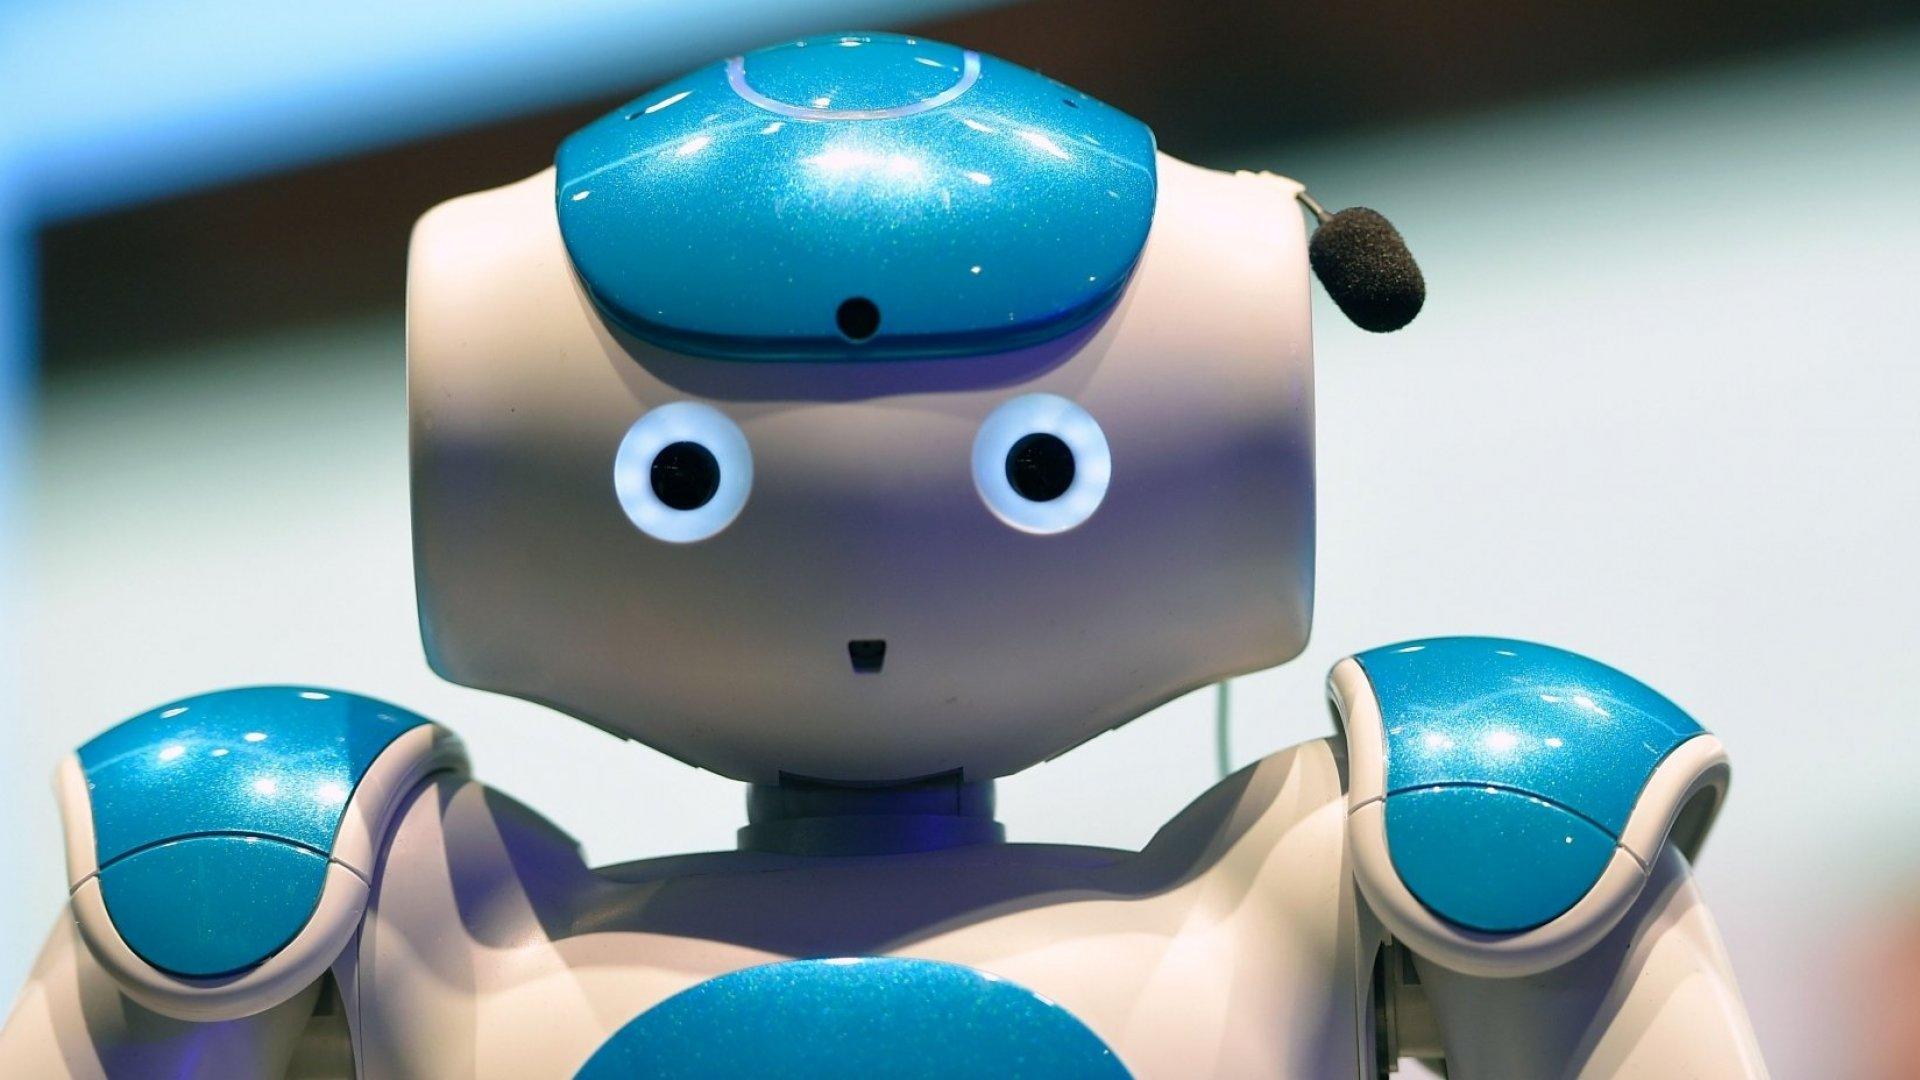 This IBM Watson robot is similar to MERA.